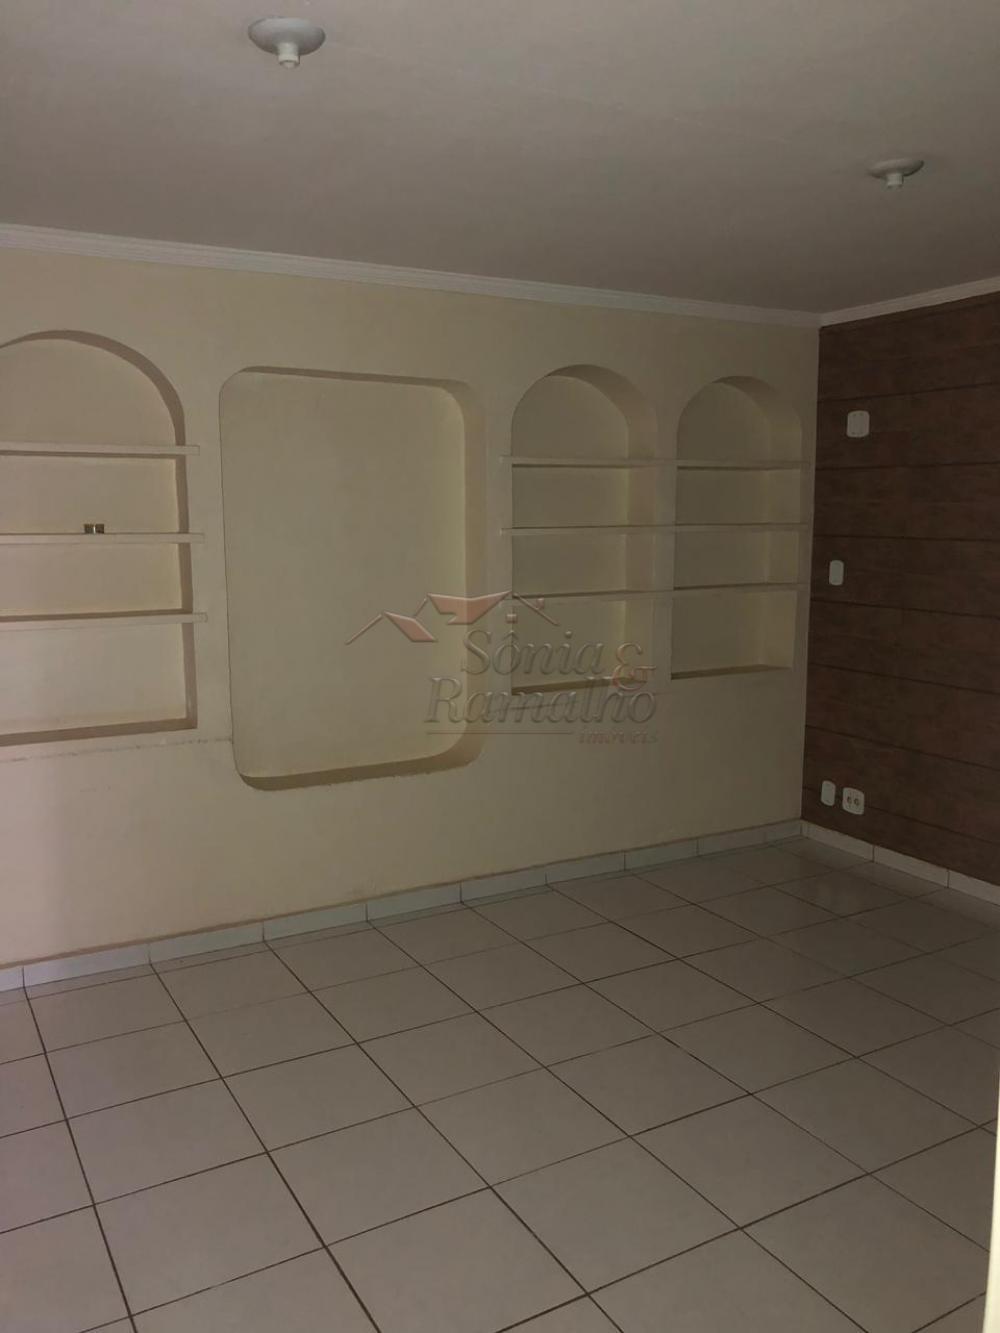 Alugar Casas / Padrão em Ribeirão Preto apenas R$ 3.500,00 - Foto 15